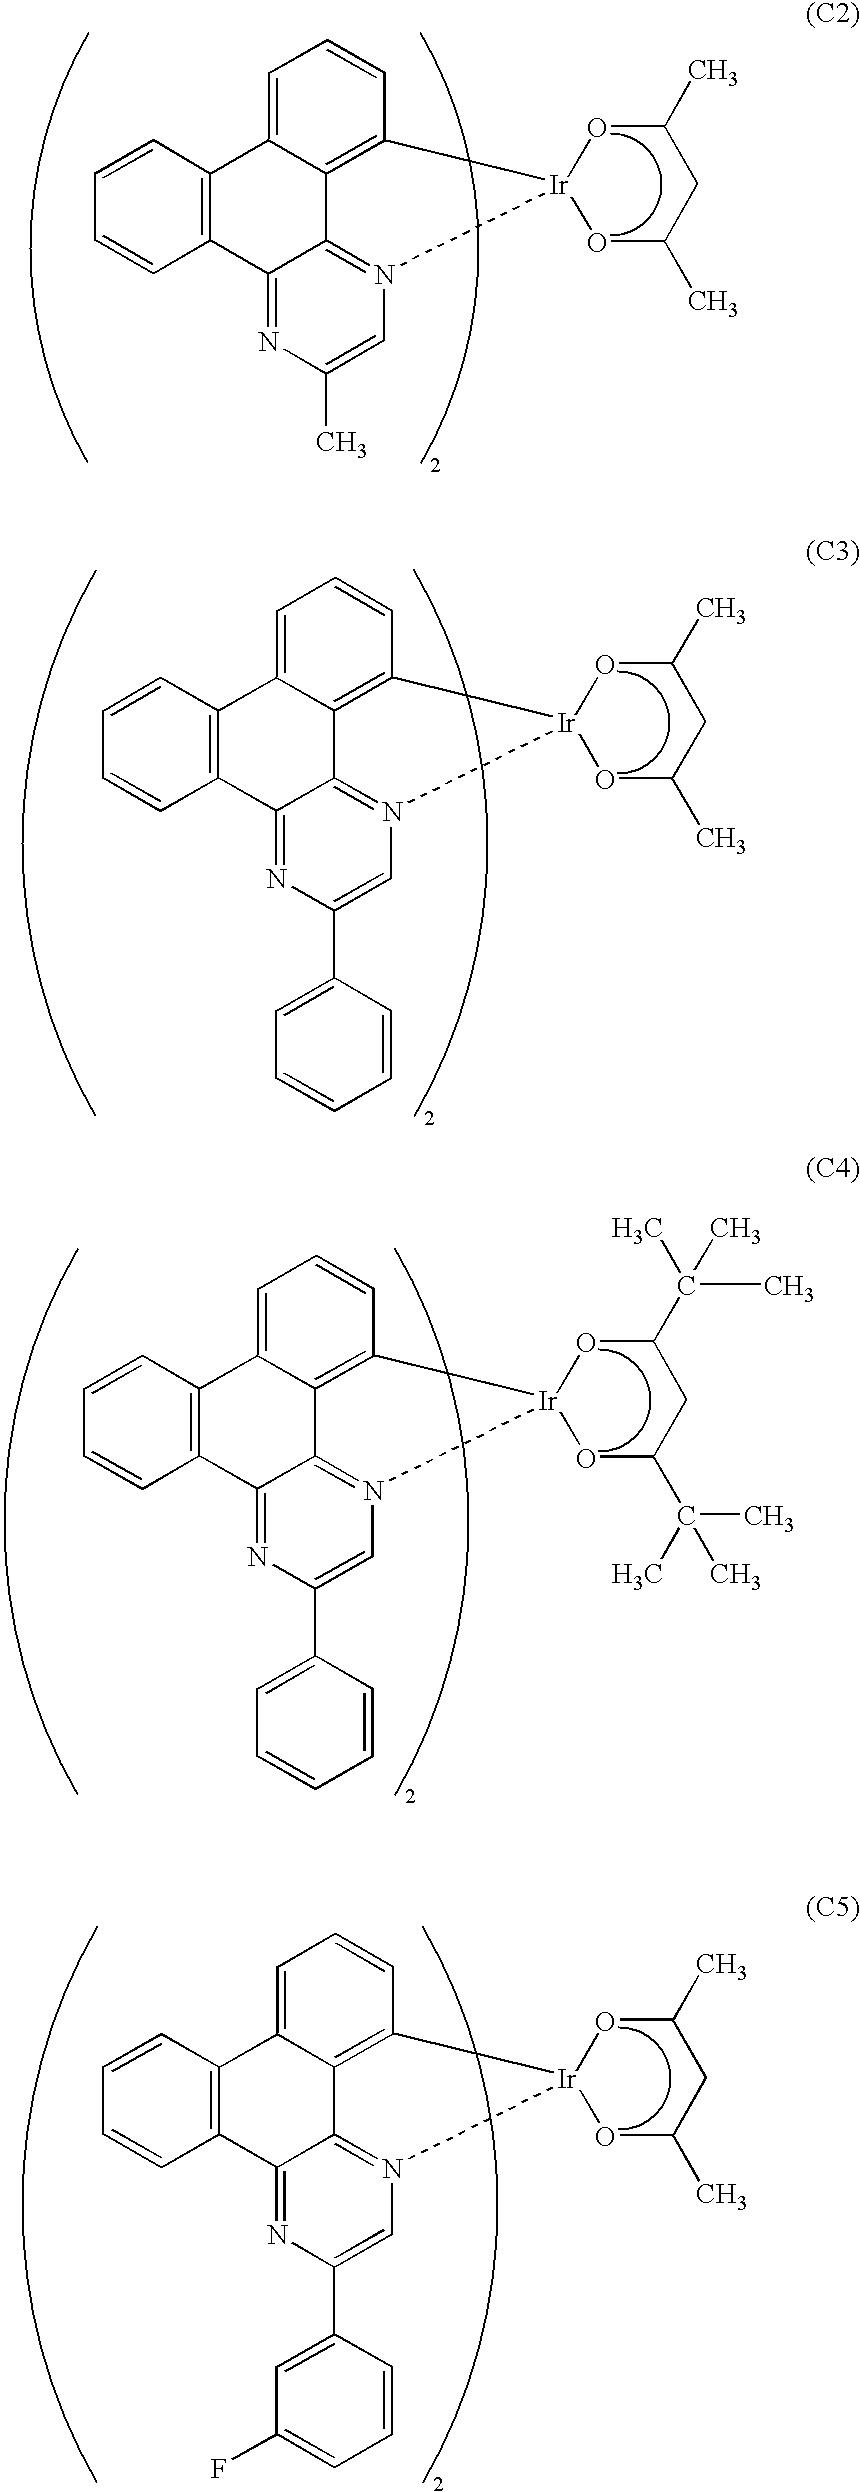 Figure US20100059741A1-20100311-C00006